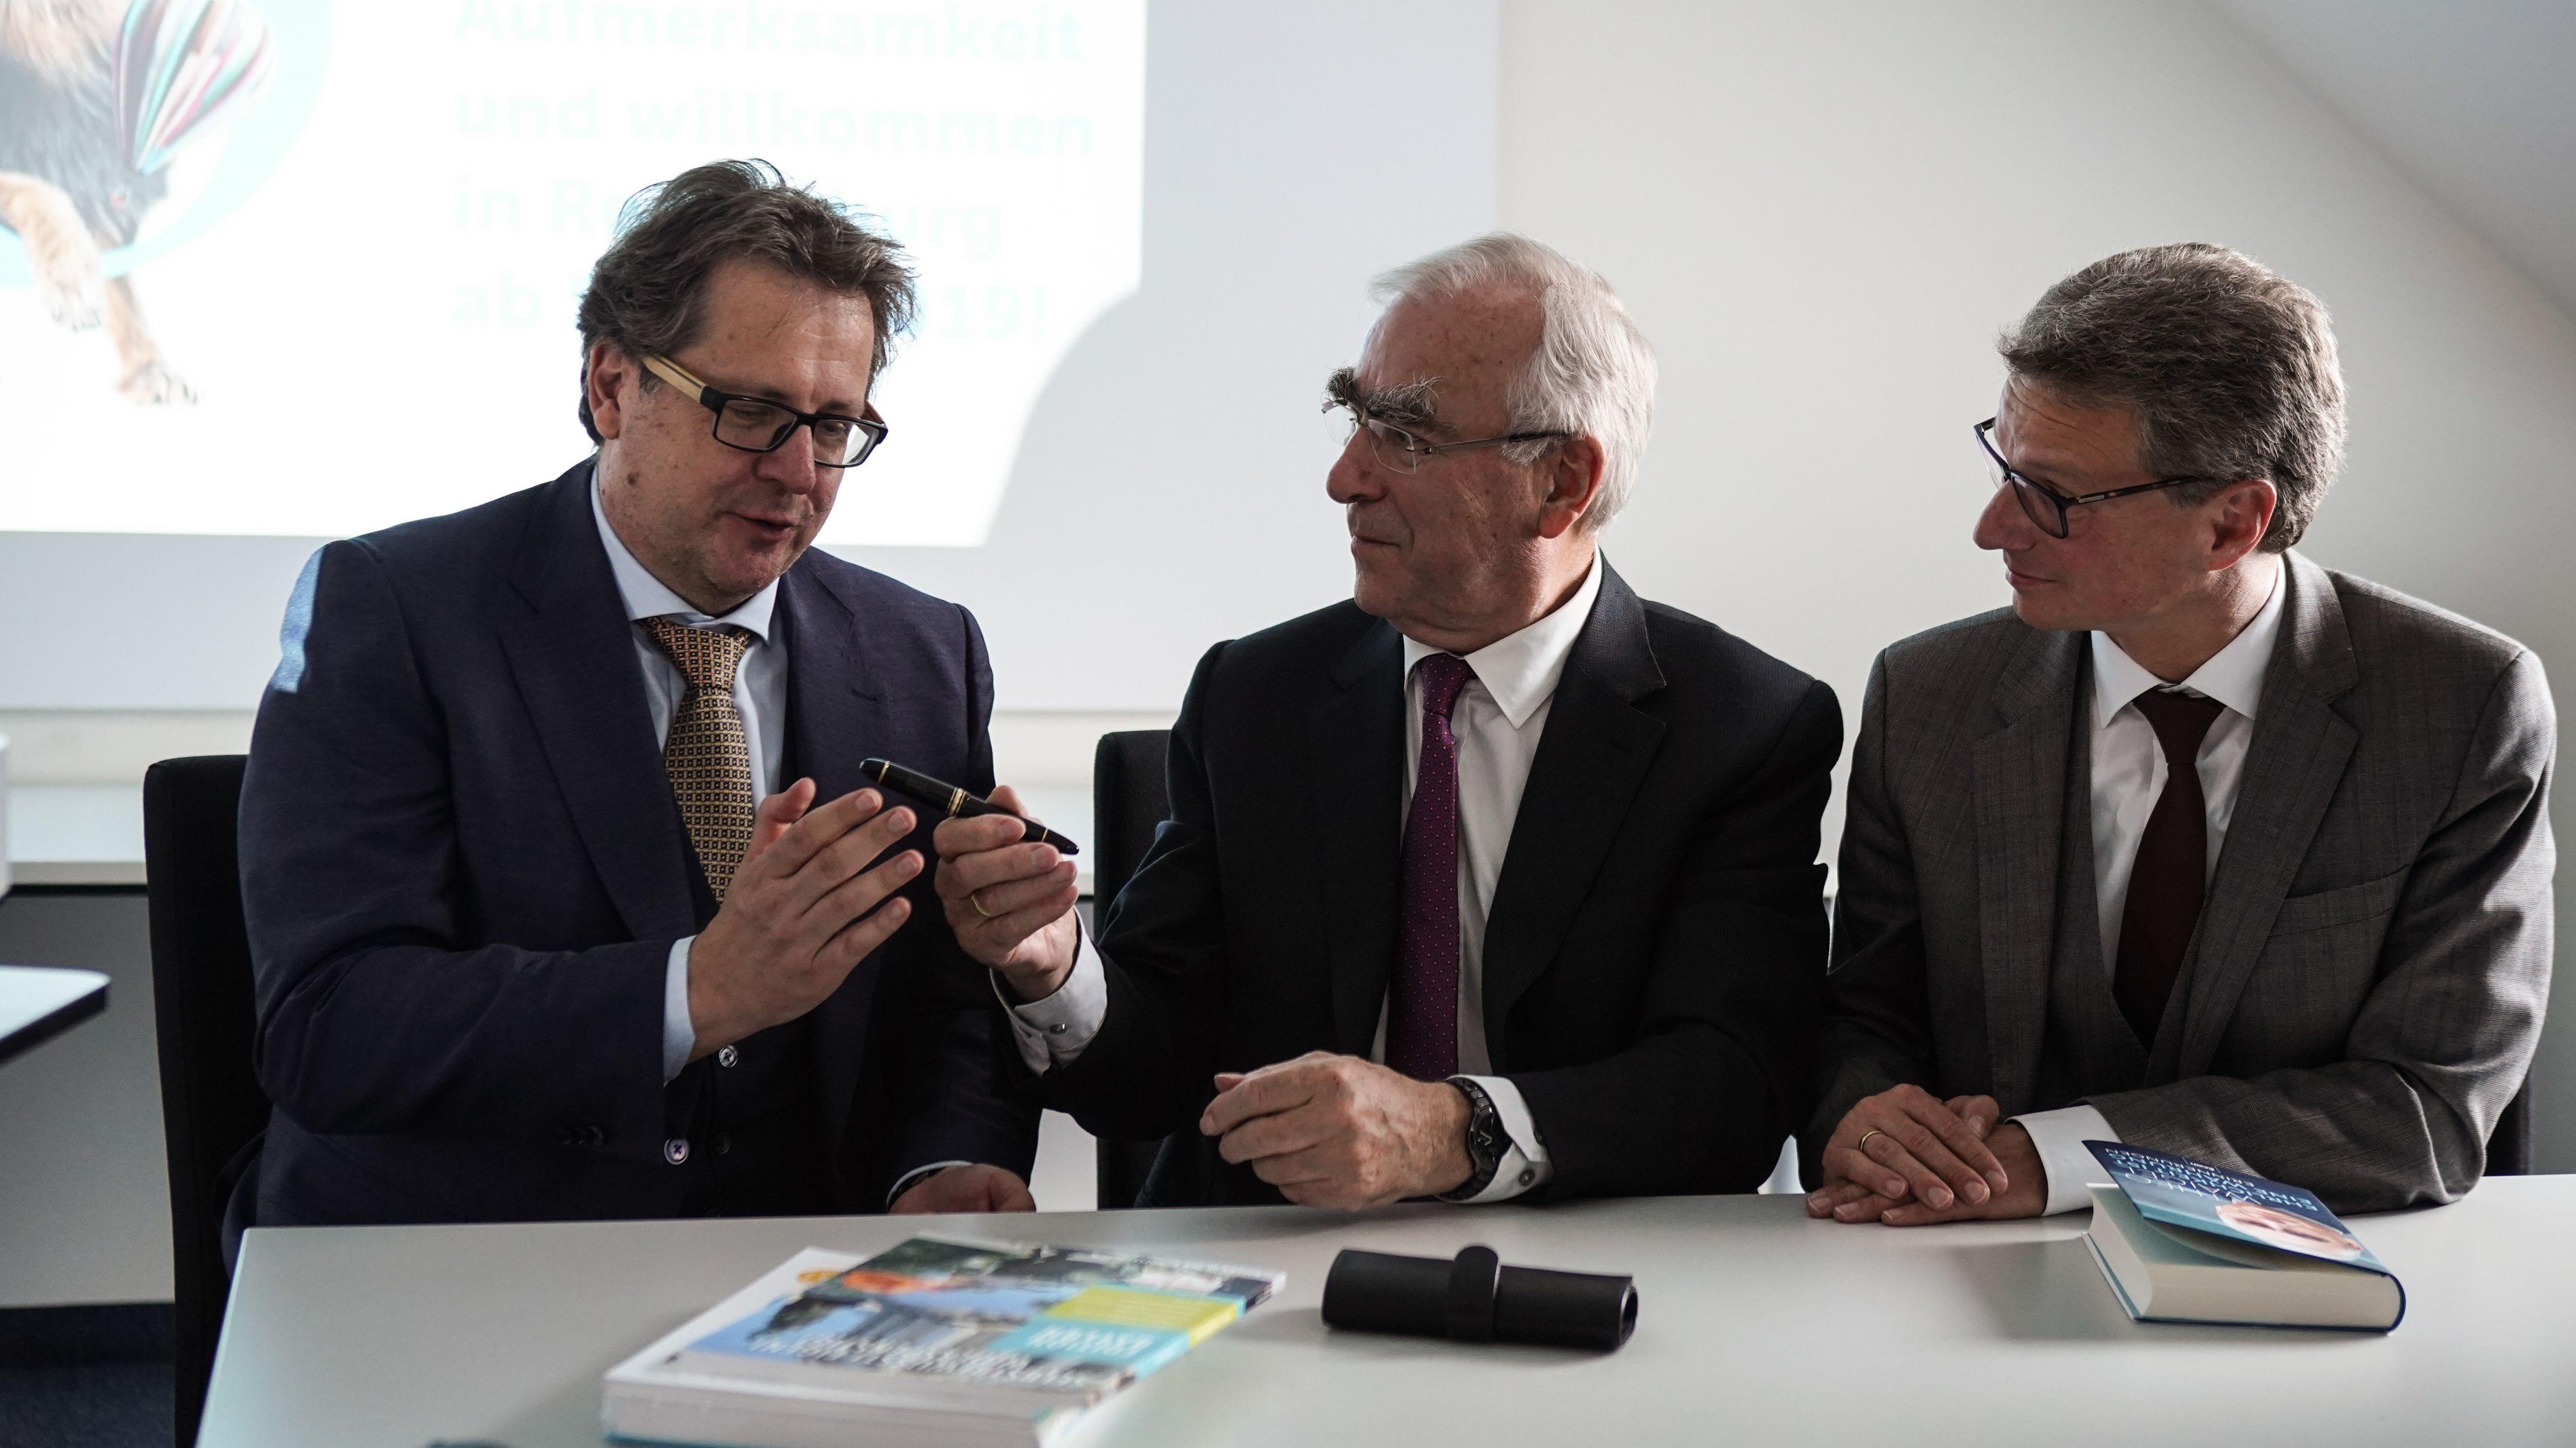 Theo Waigel (Mitte) übergibt Maastricht-Füller an Richard Loibl und an Kunstminister Bernd Sibler (rechts).